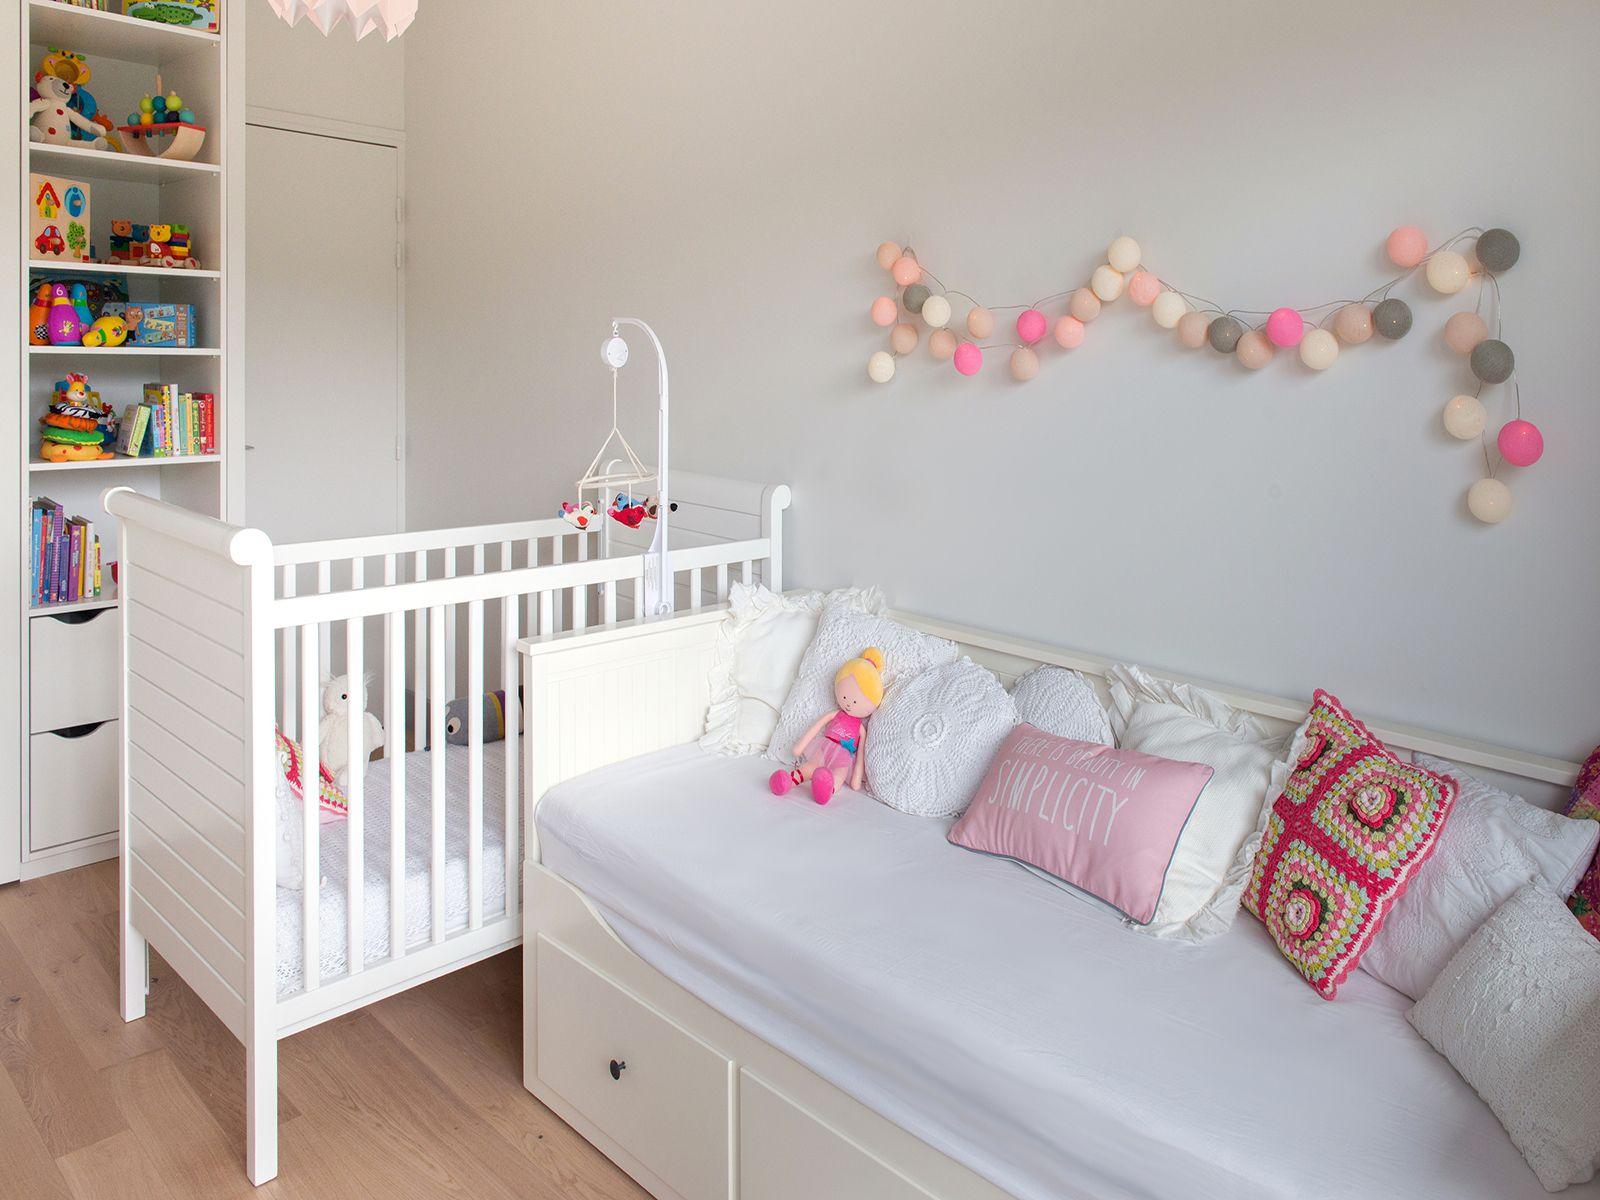 Chambre enfants aux touches pastel guirlande lumineuse La Case de Cousin Paul ralisation Murs